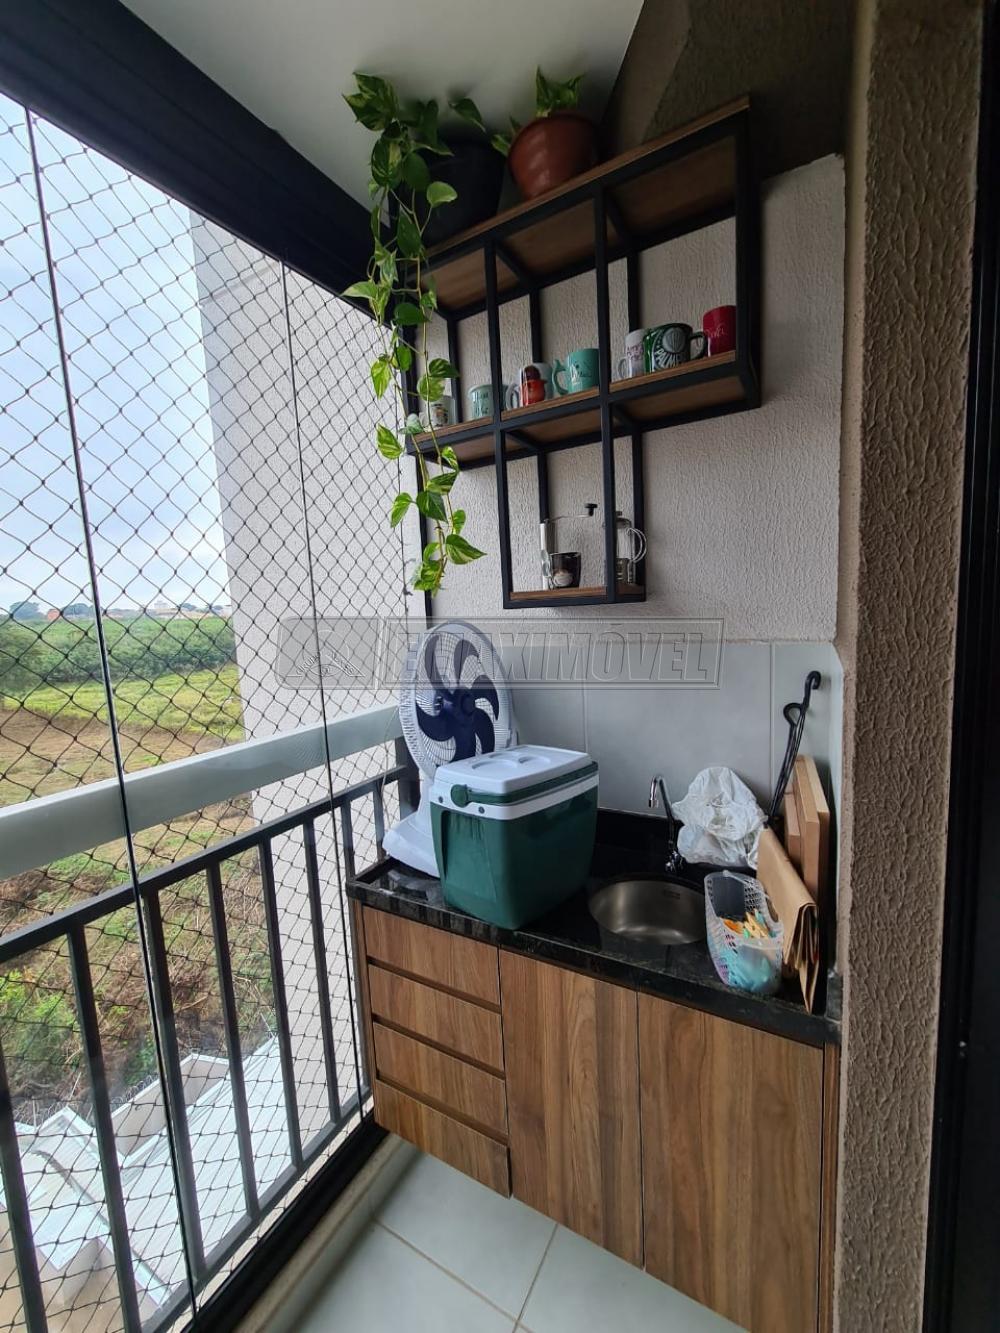 Comprar Apartamentos / Apto Padrão em Sorocaba R$ 350.000,00 - Foto 5